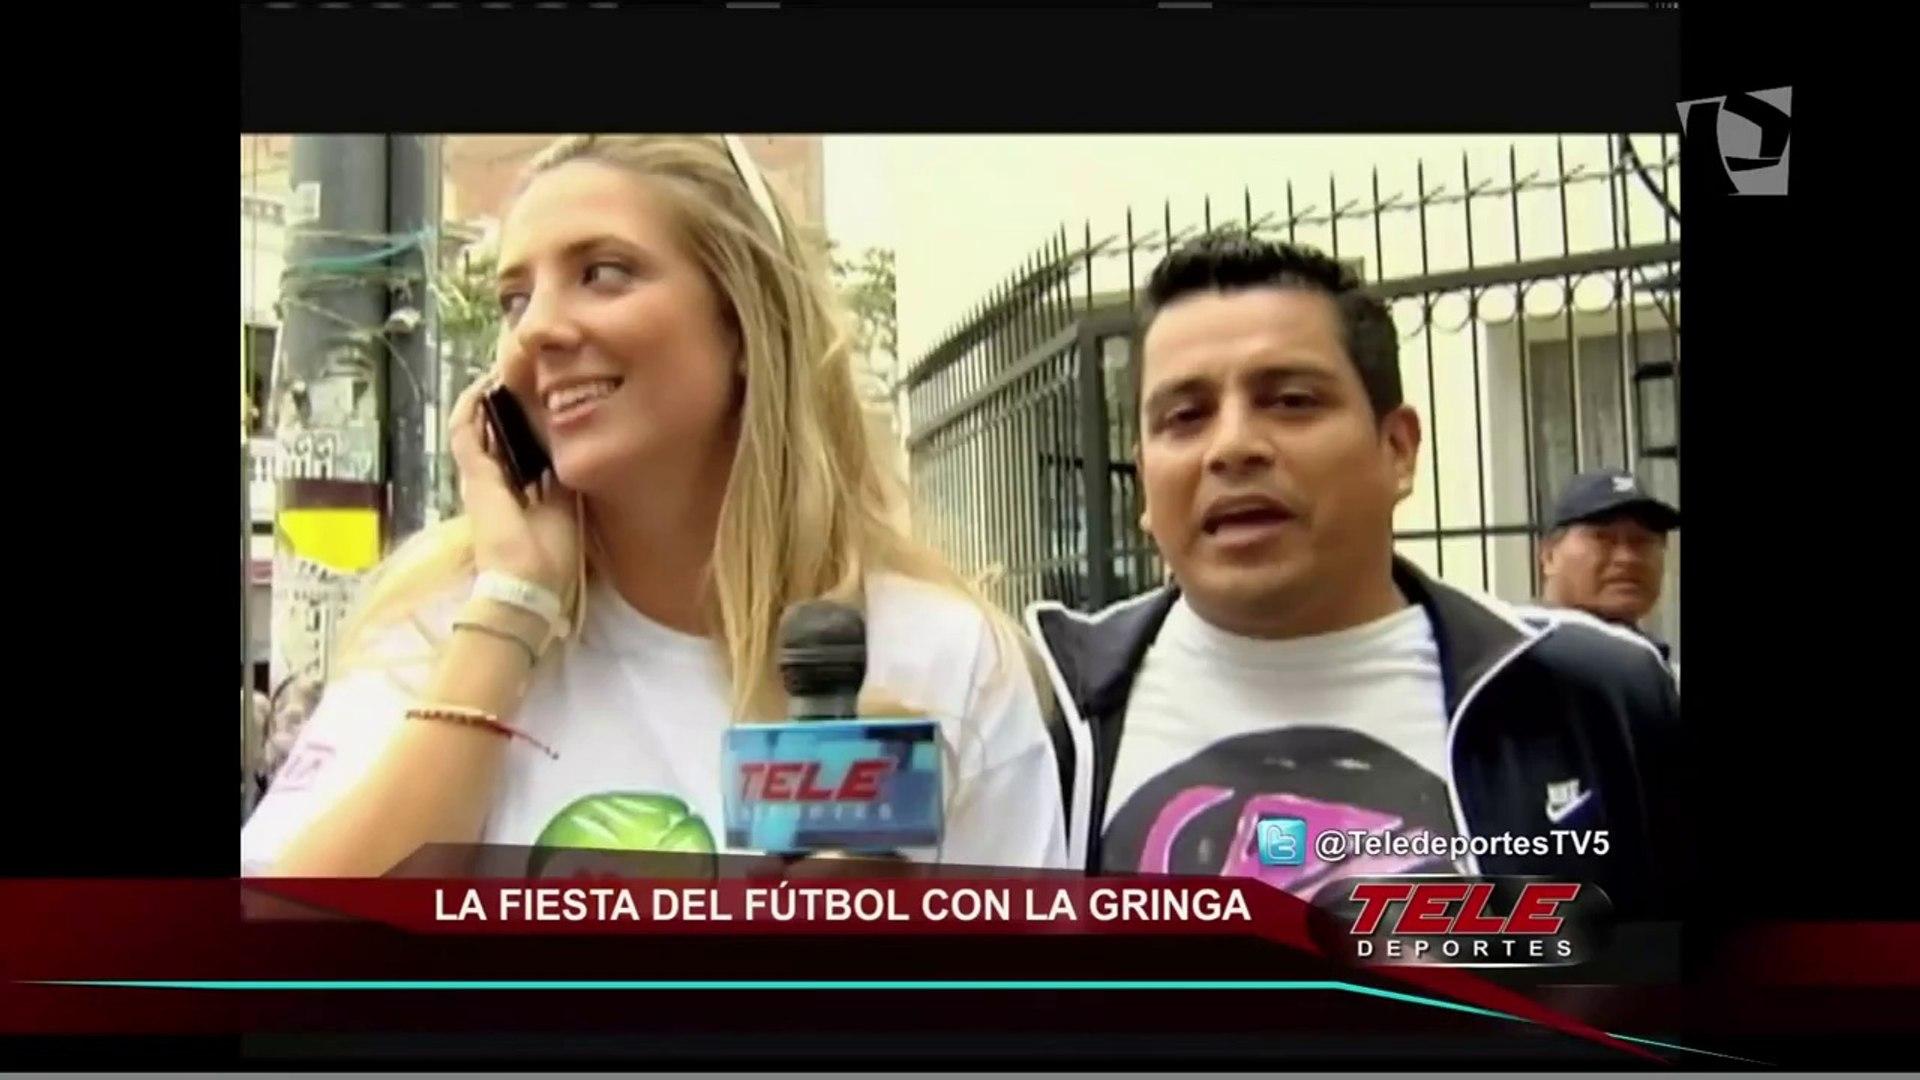 El triunfo de Alianza Lima y la fiesta del fútbol con la 'gringa' Boloña (1/2)